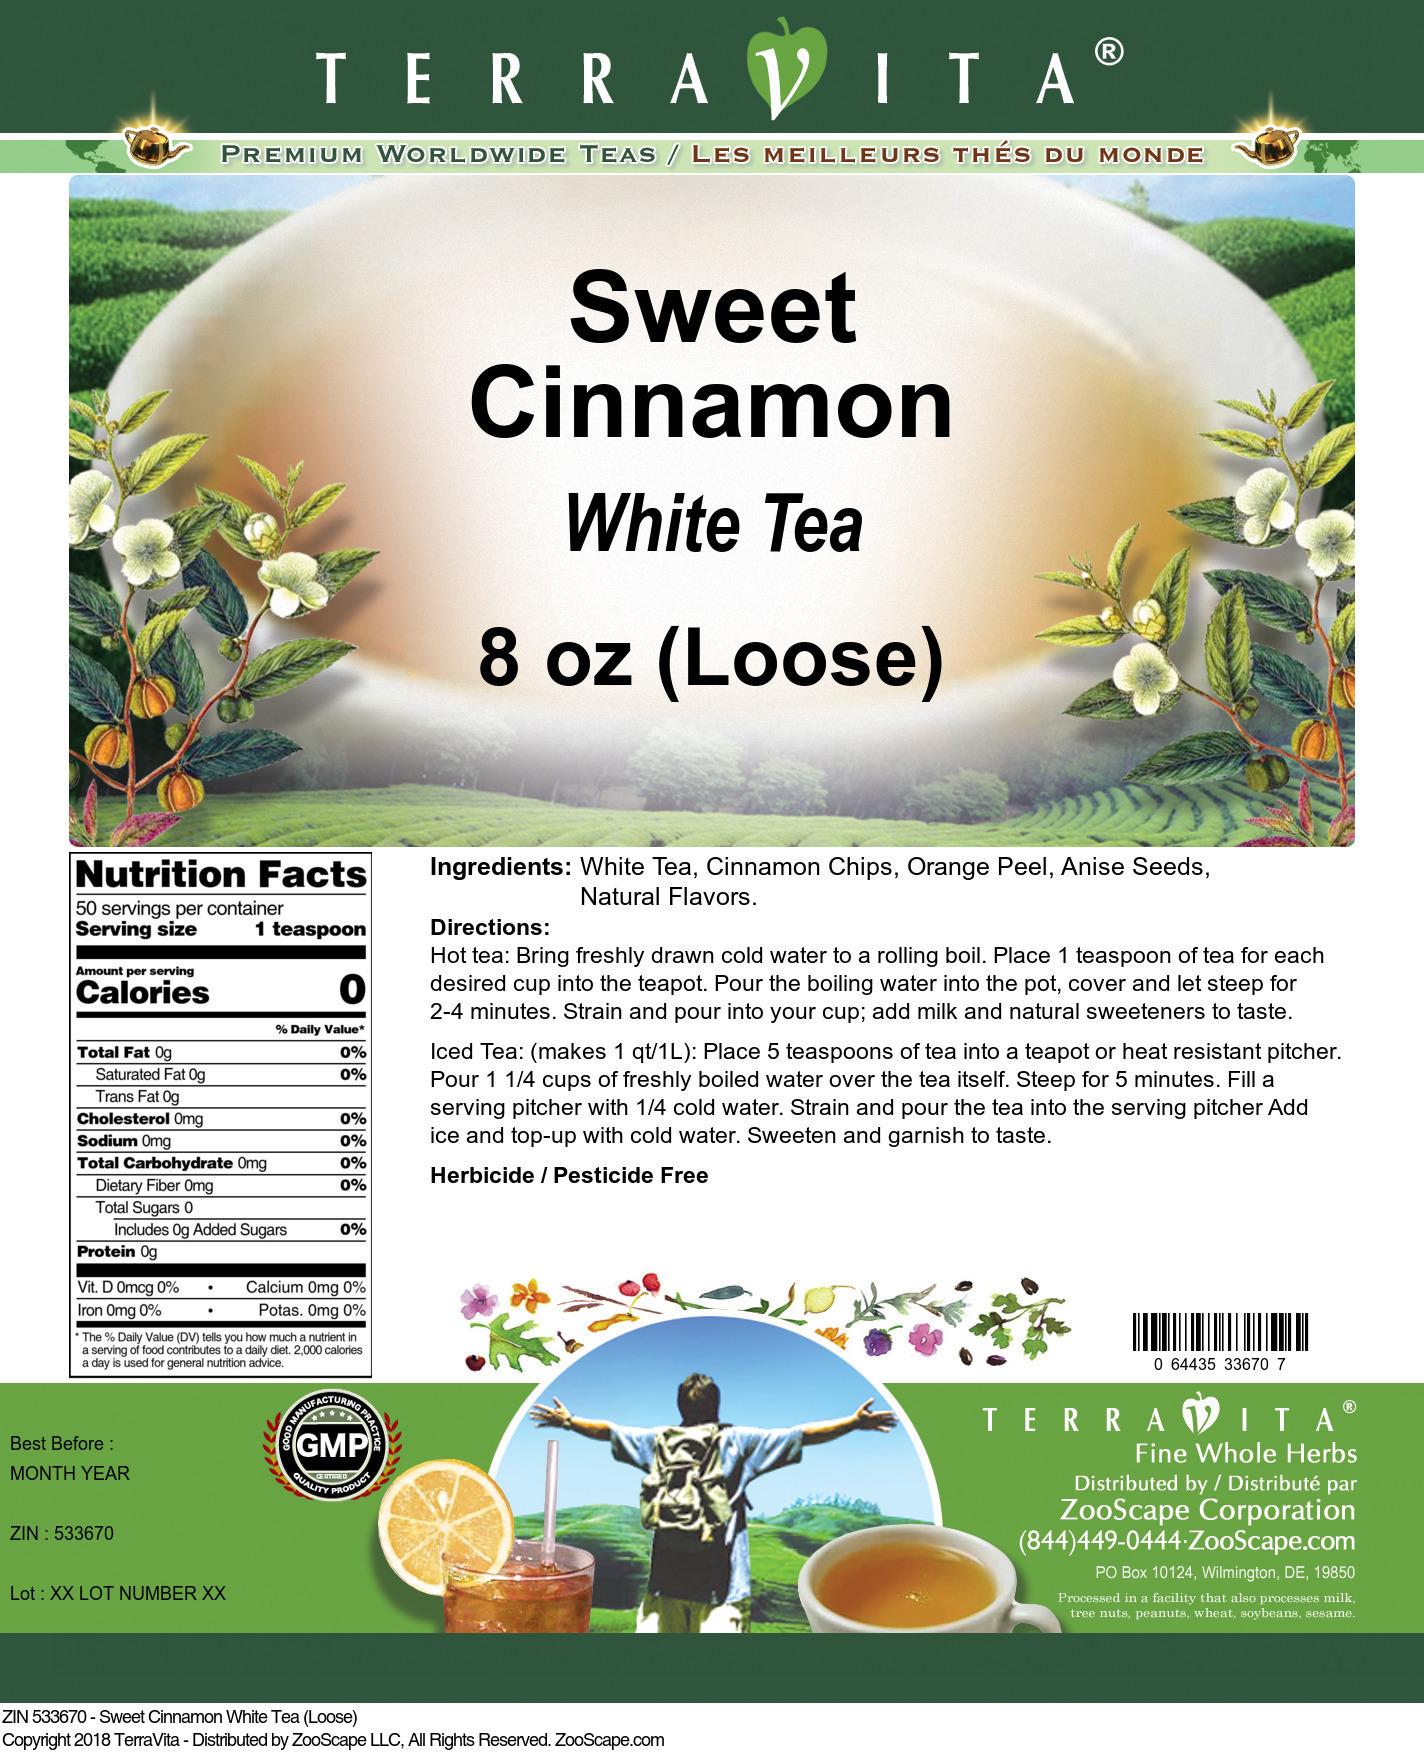 Sweet Cinnamon White Tea (Loose)